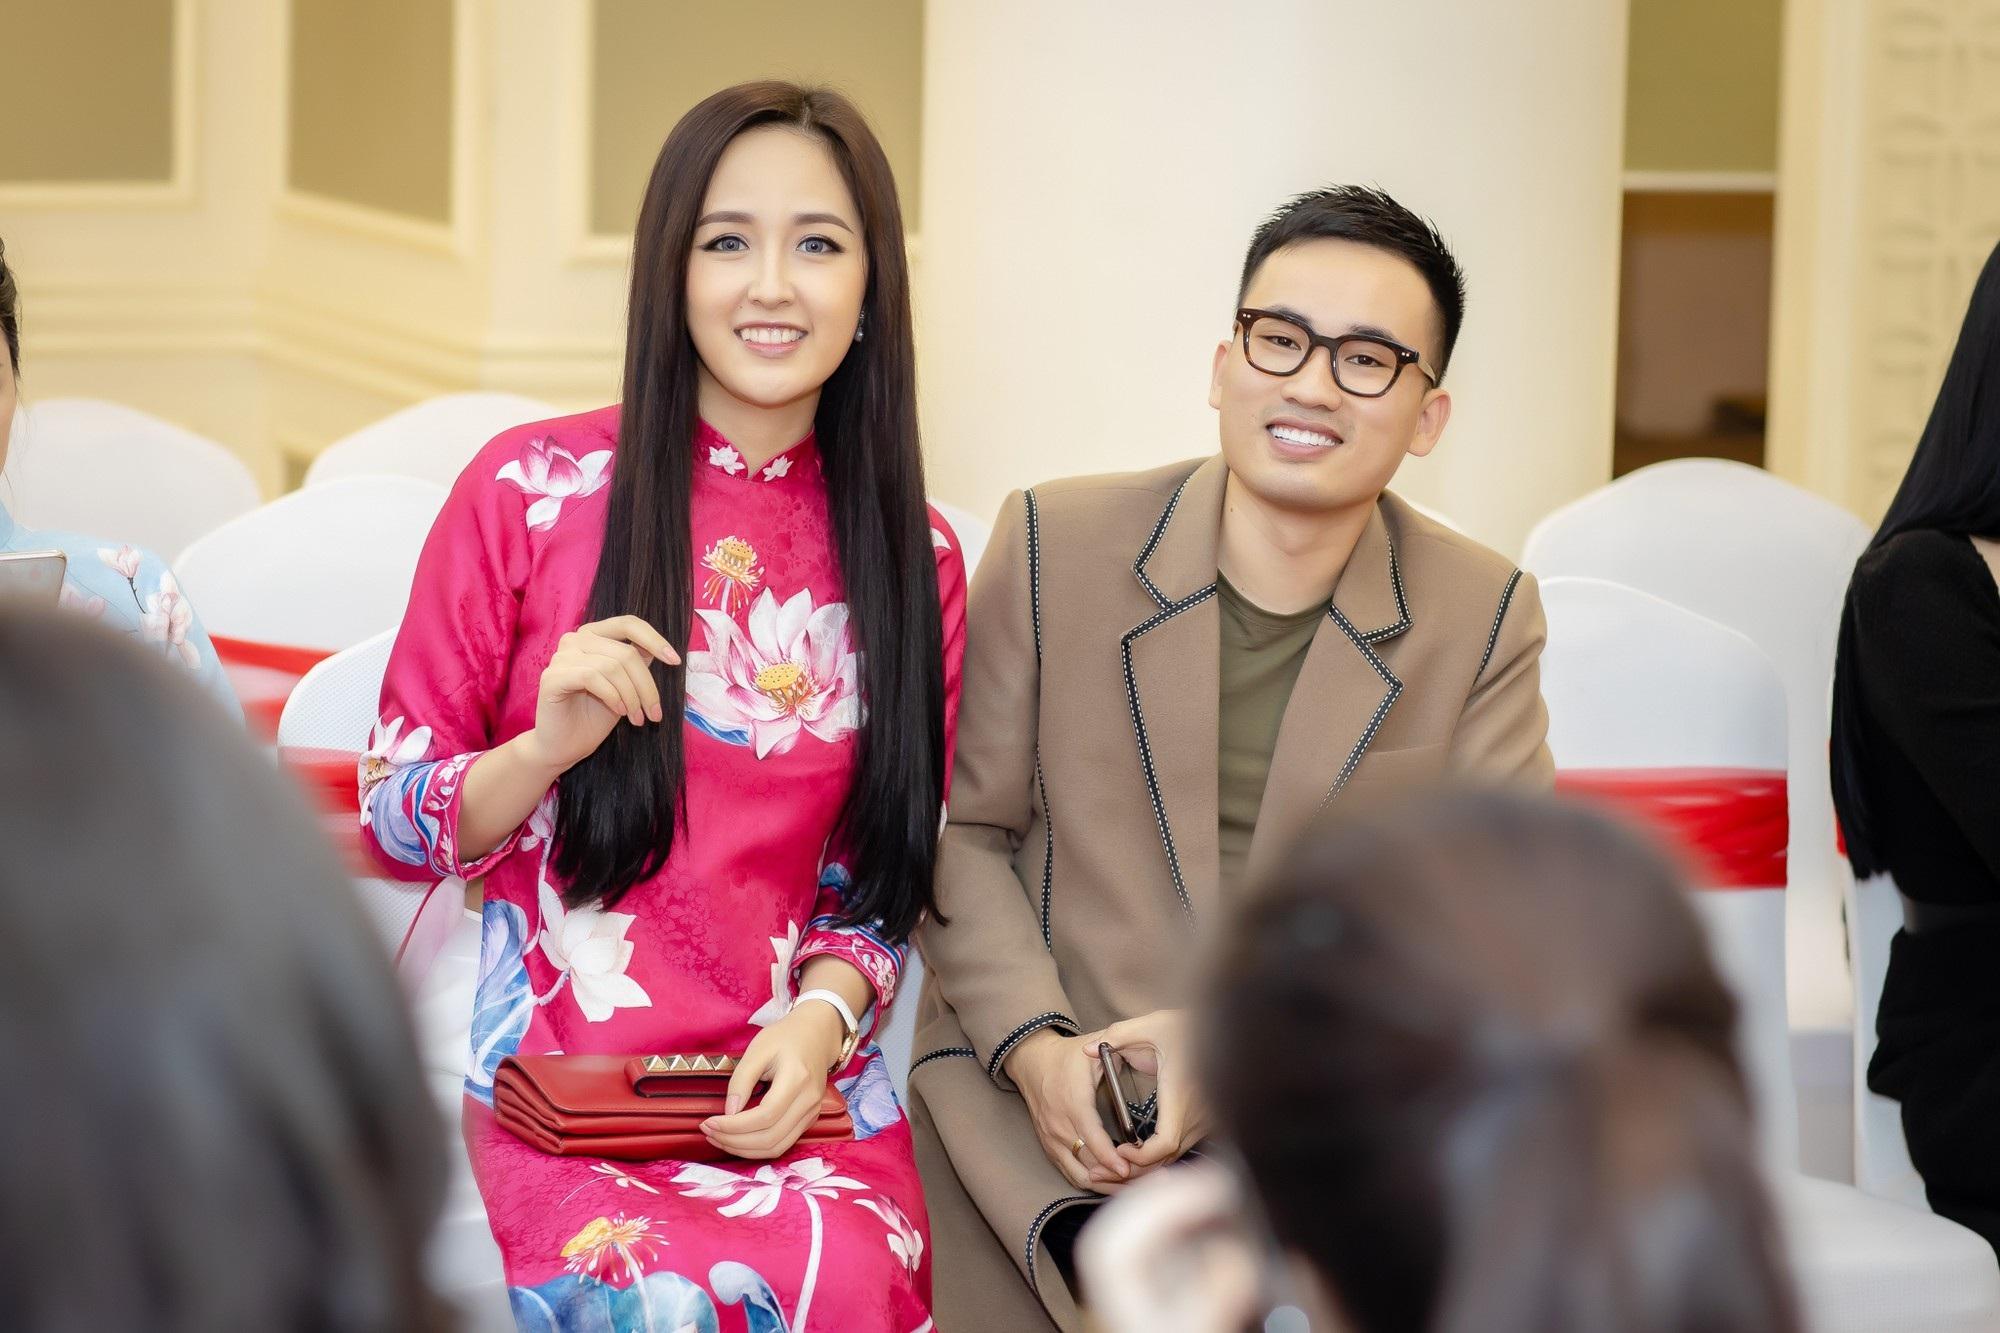 Cuộc sống sung túc, hot girl Tâm Tít sang chảnh không kém Hoa hậu Mai Phương Thuý - Ảnh 9.